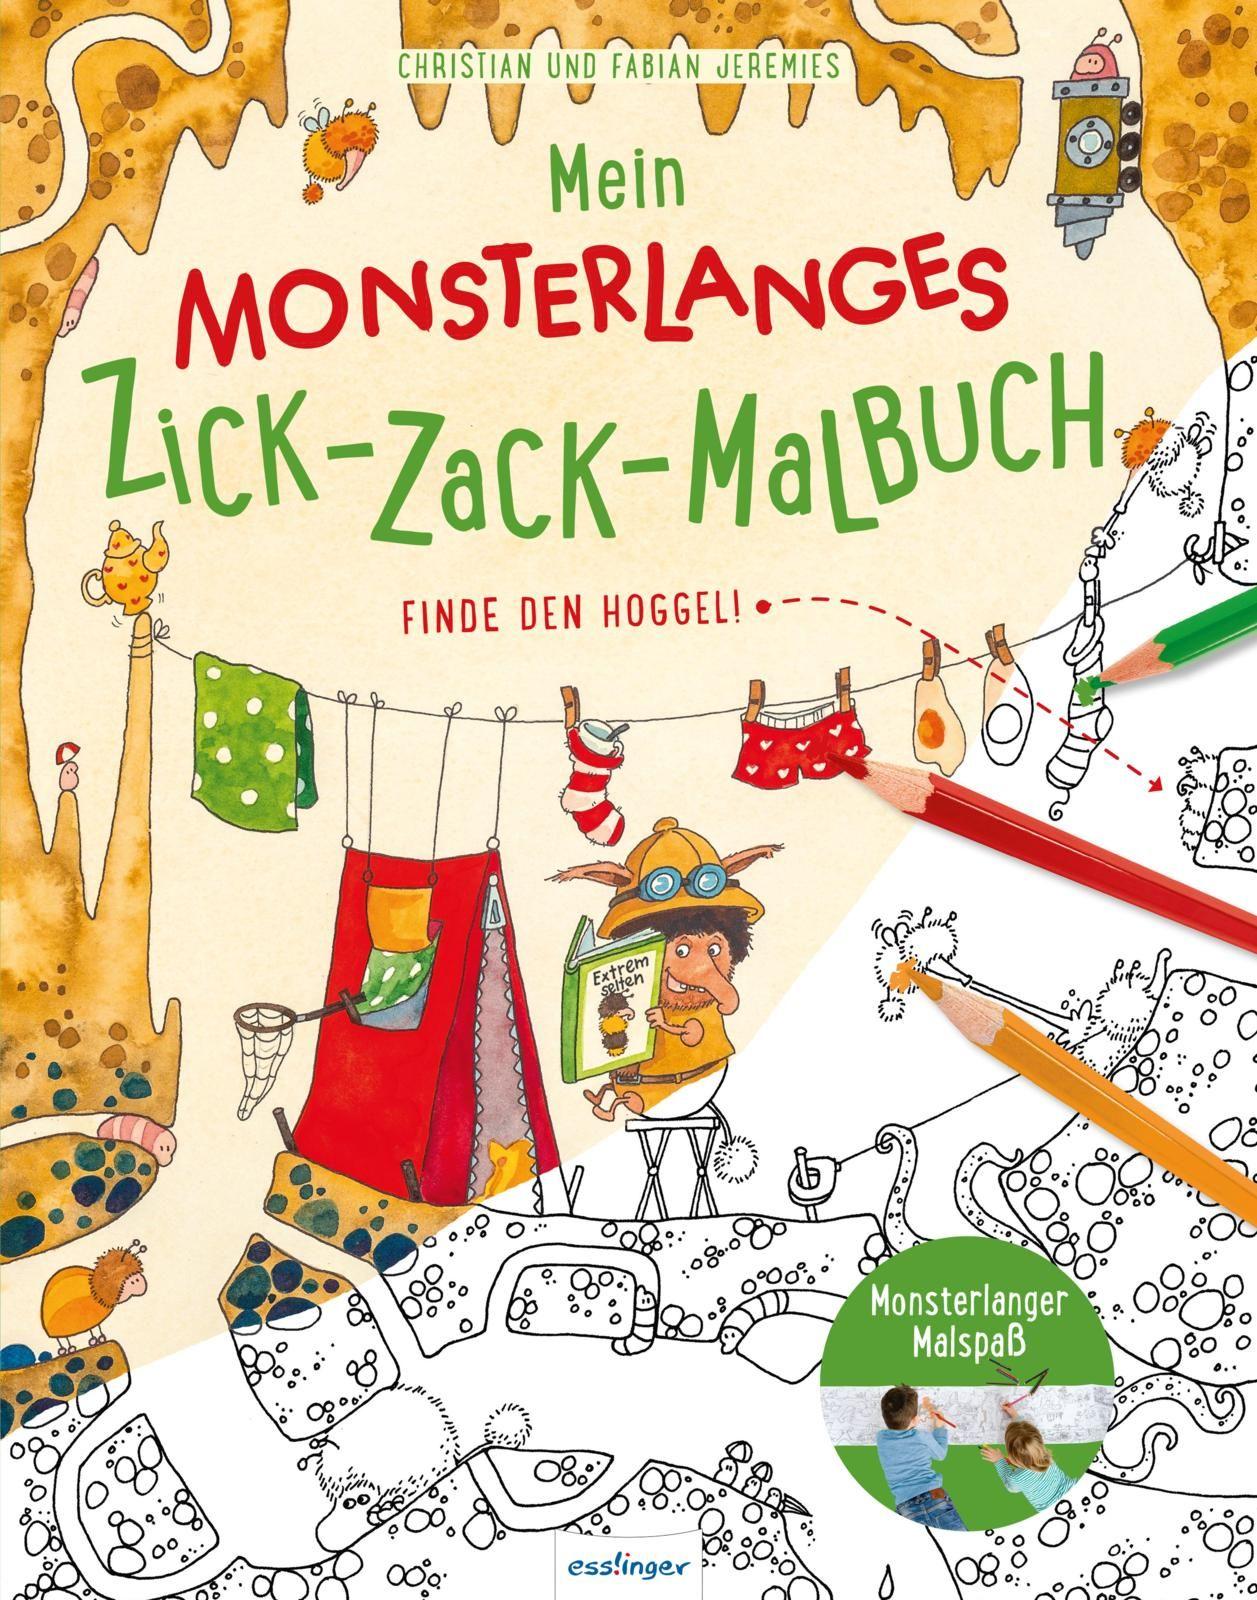 Großzügig Monster Lkw Malbuch Bilder - Entry Level Resume Vorlagen ...